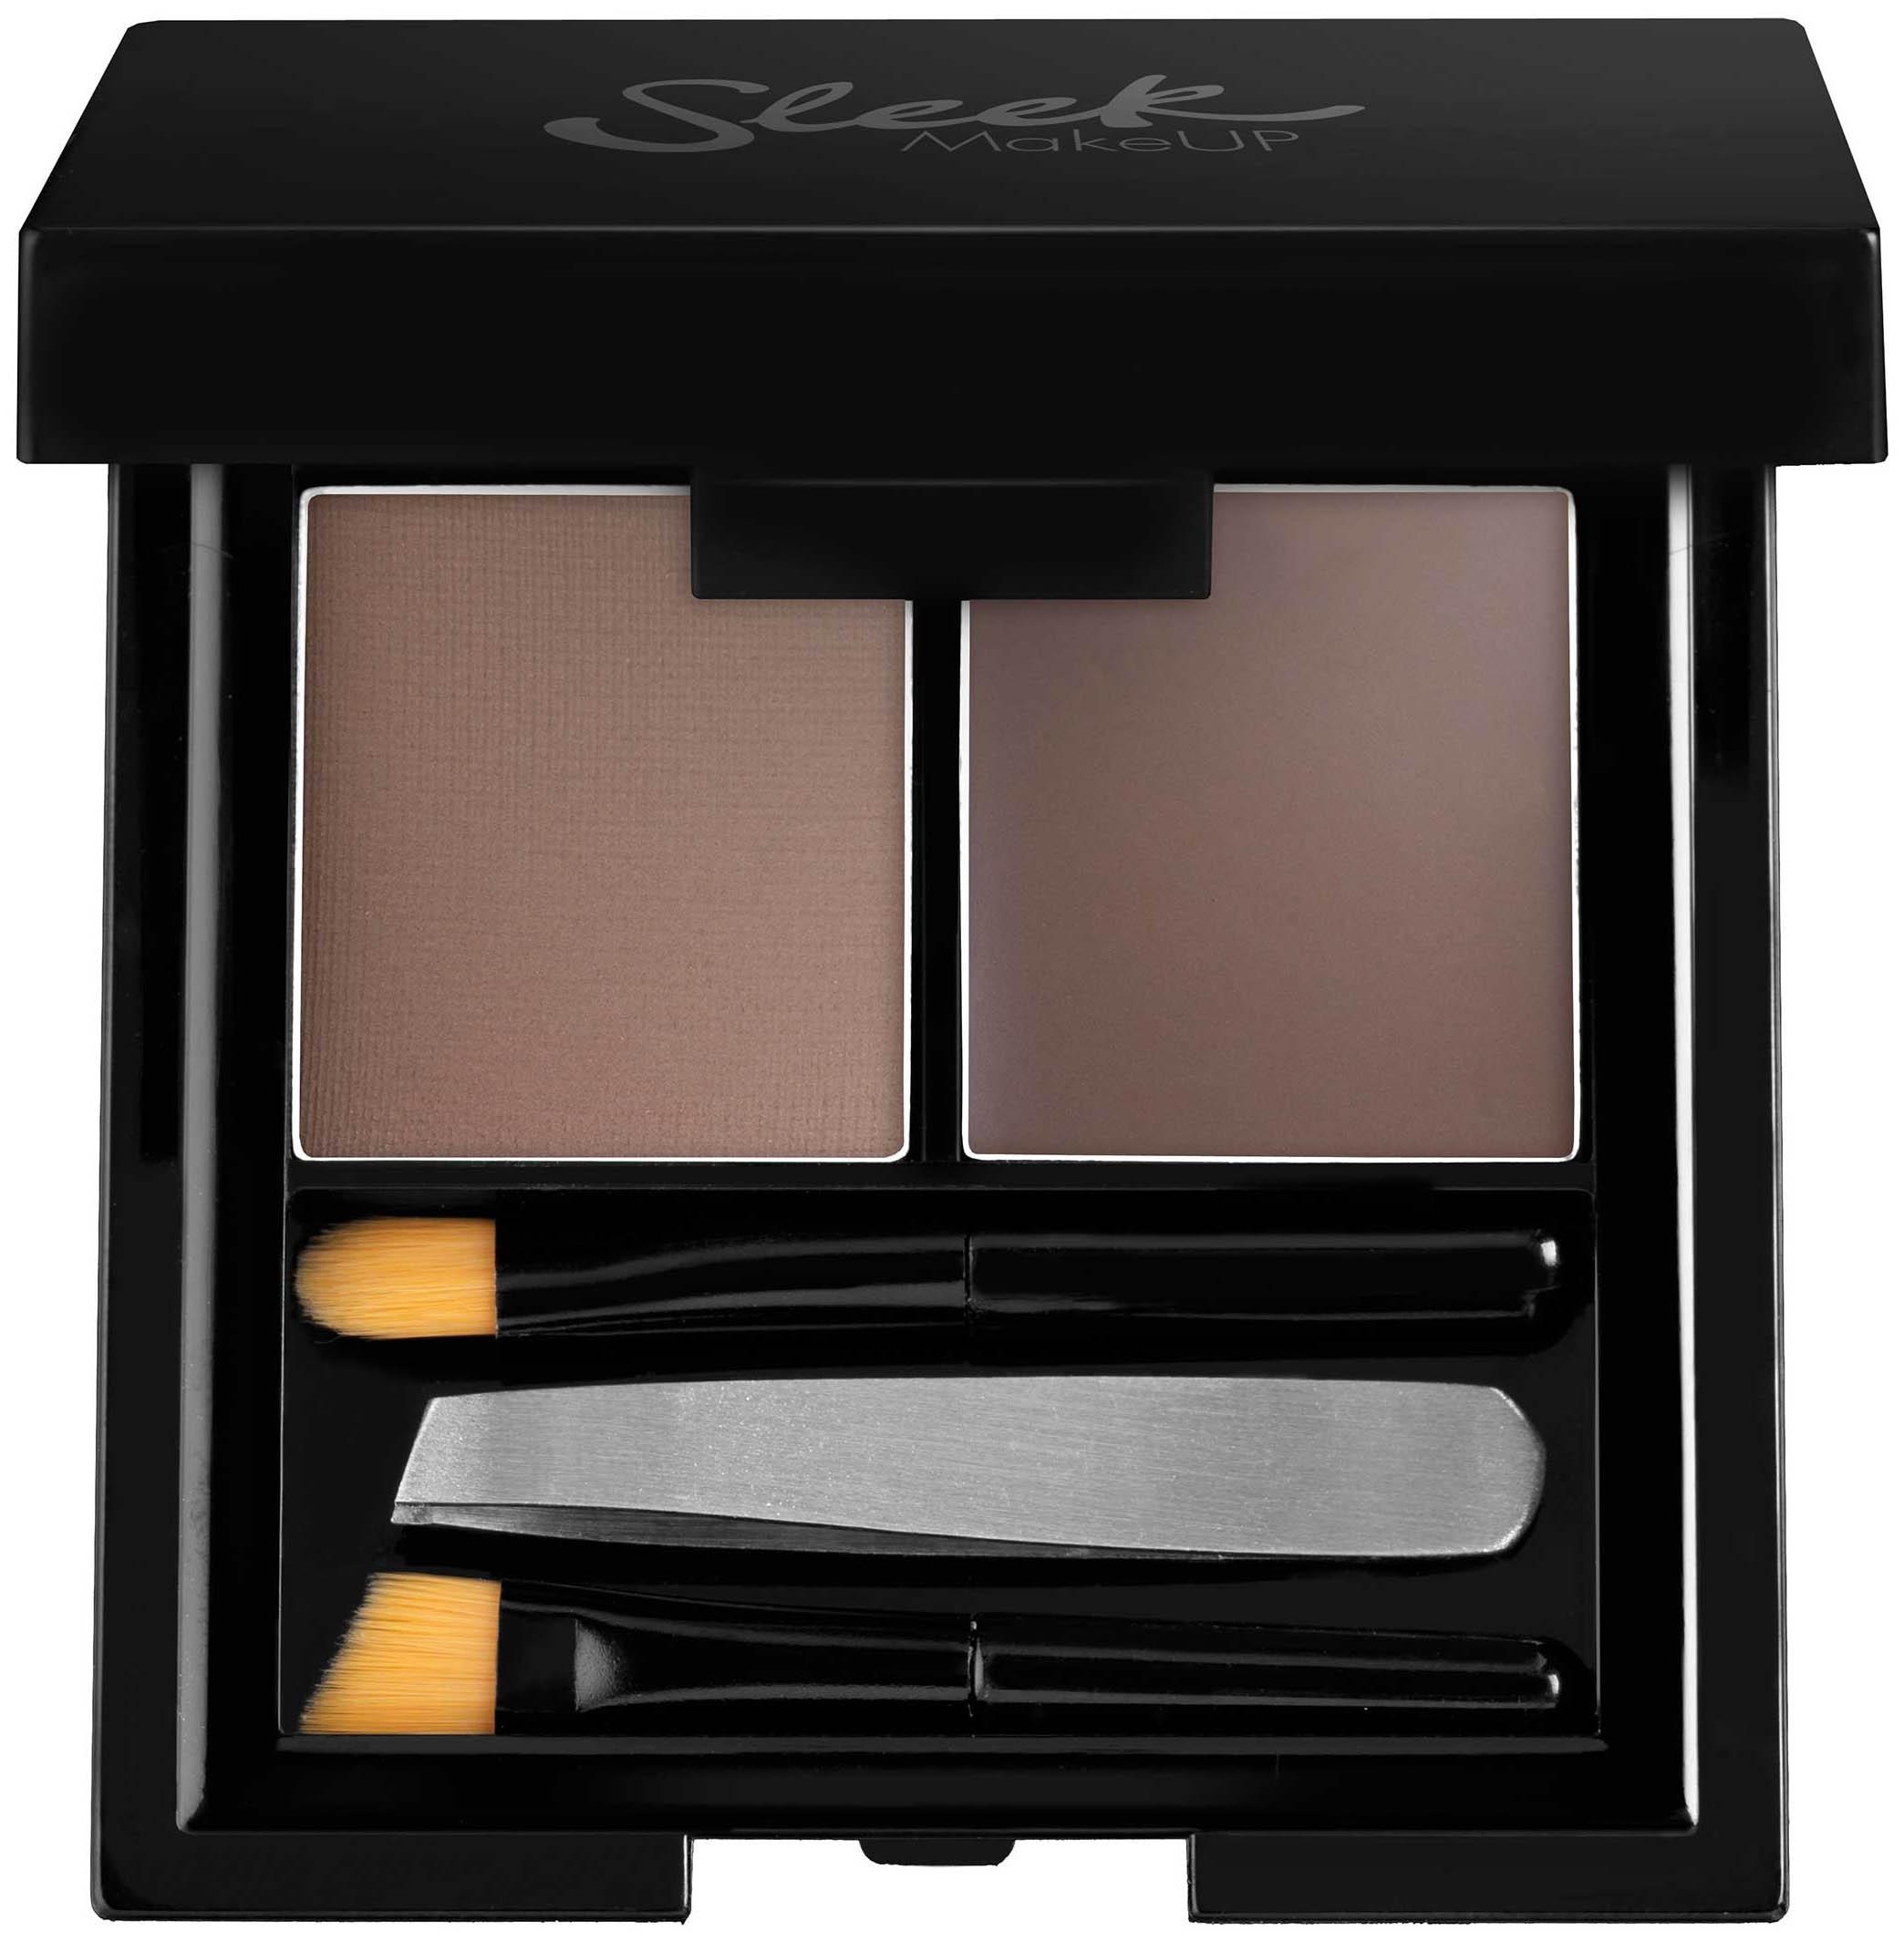 Тени для бровей Sleek MakeUP Brow Kit Dark 3,8 г фото